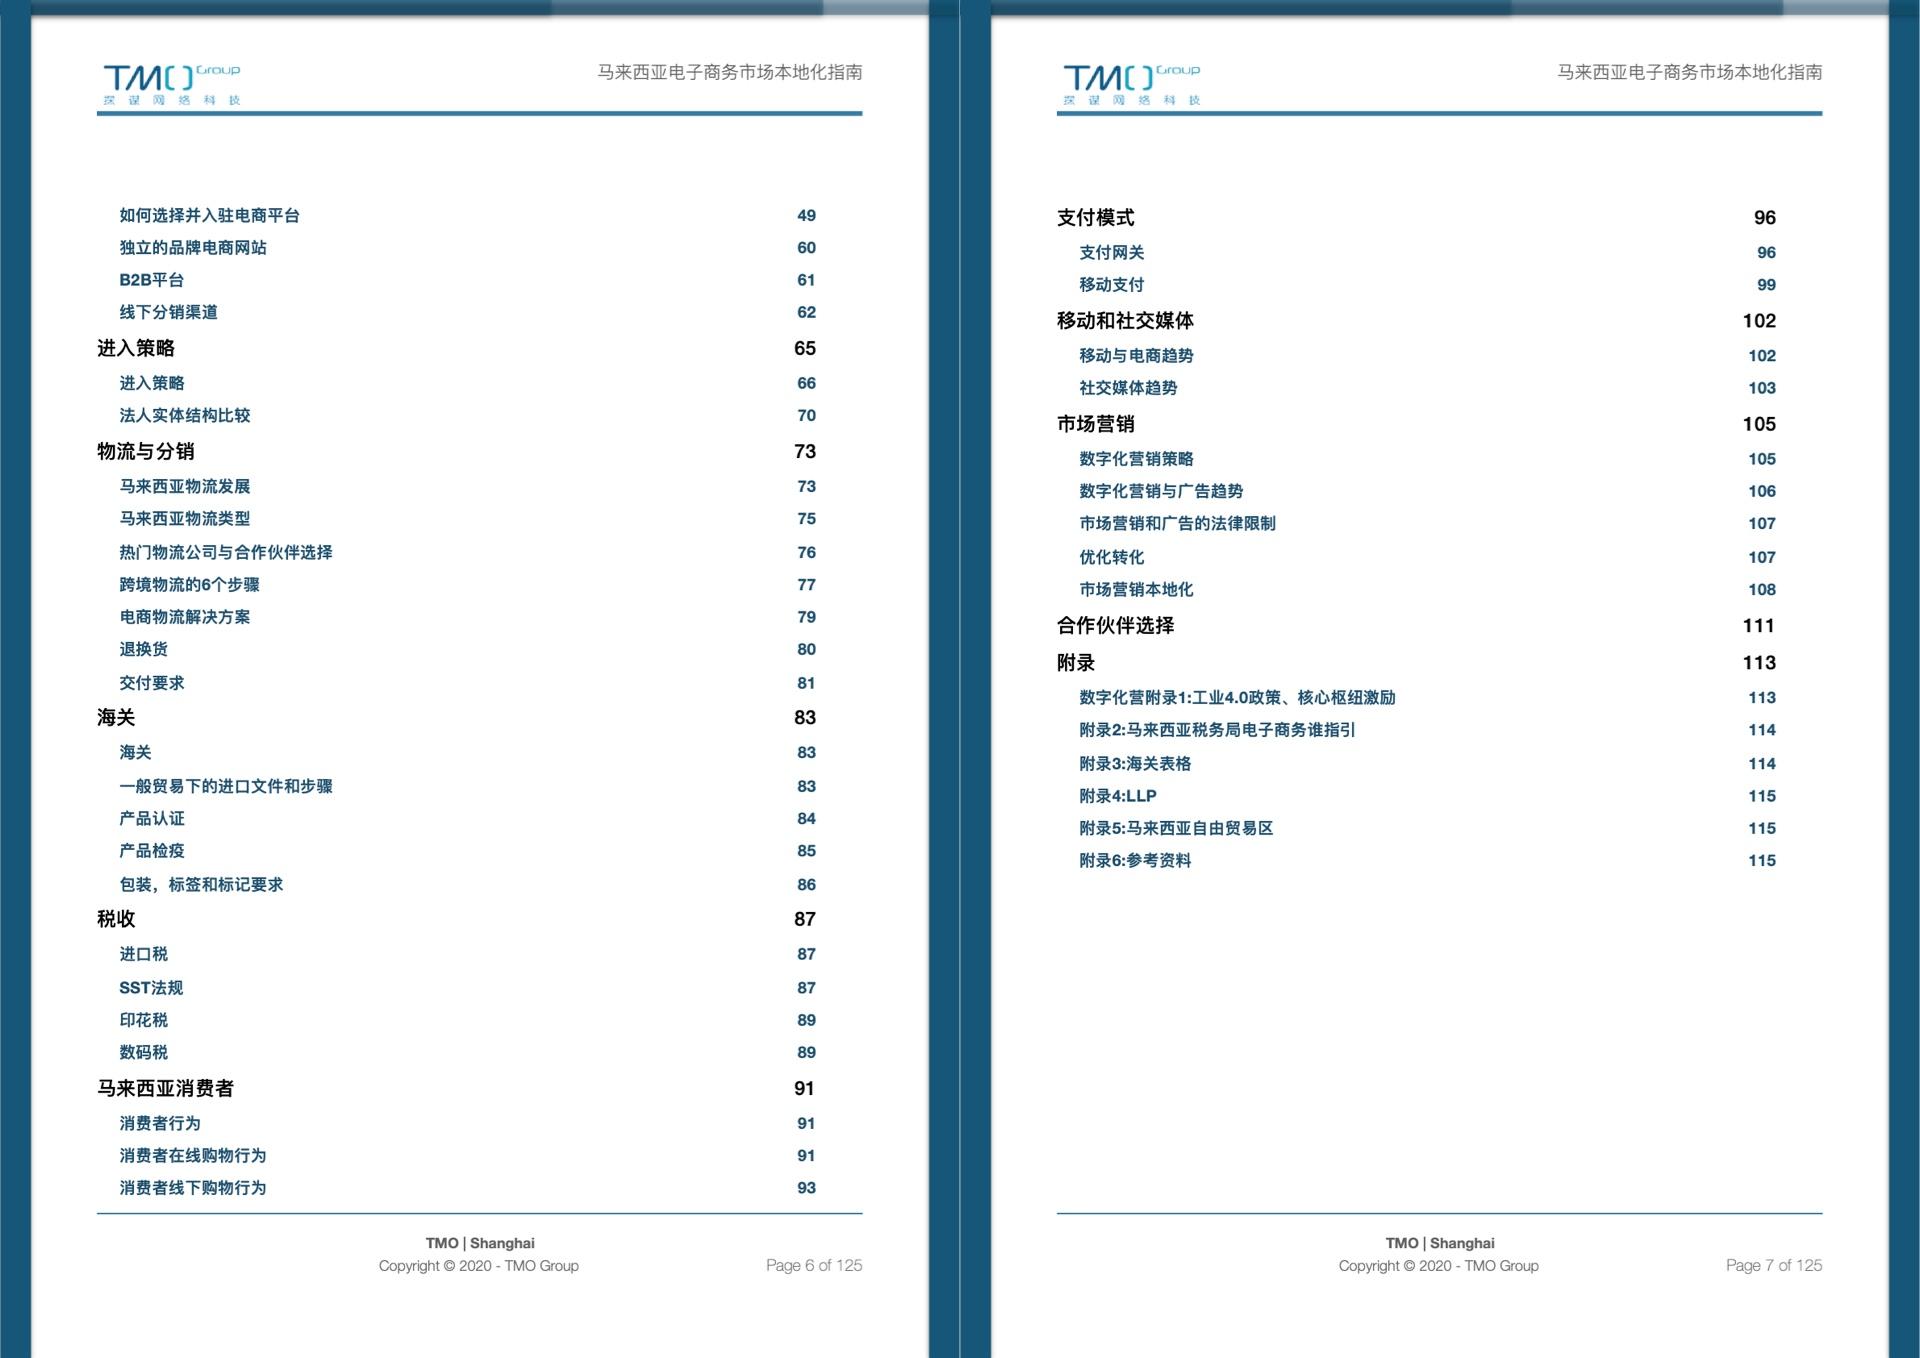 马来西亚电商-菜单-2